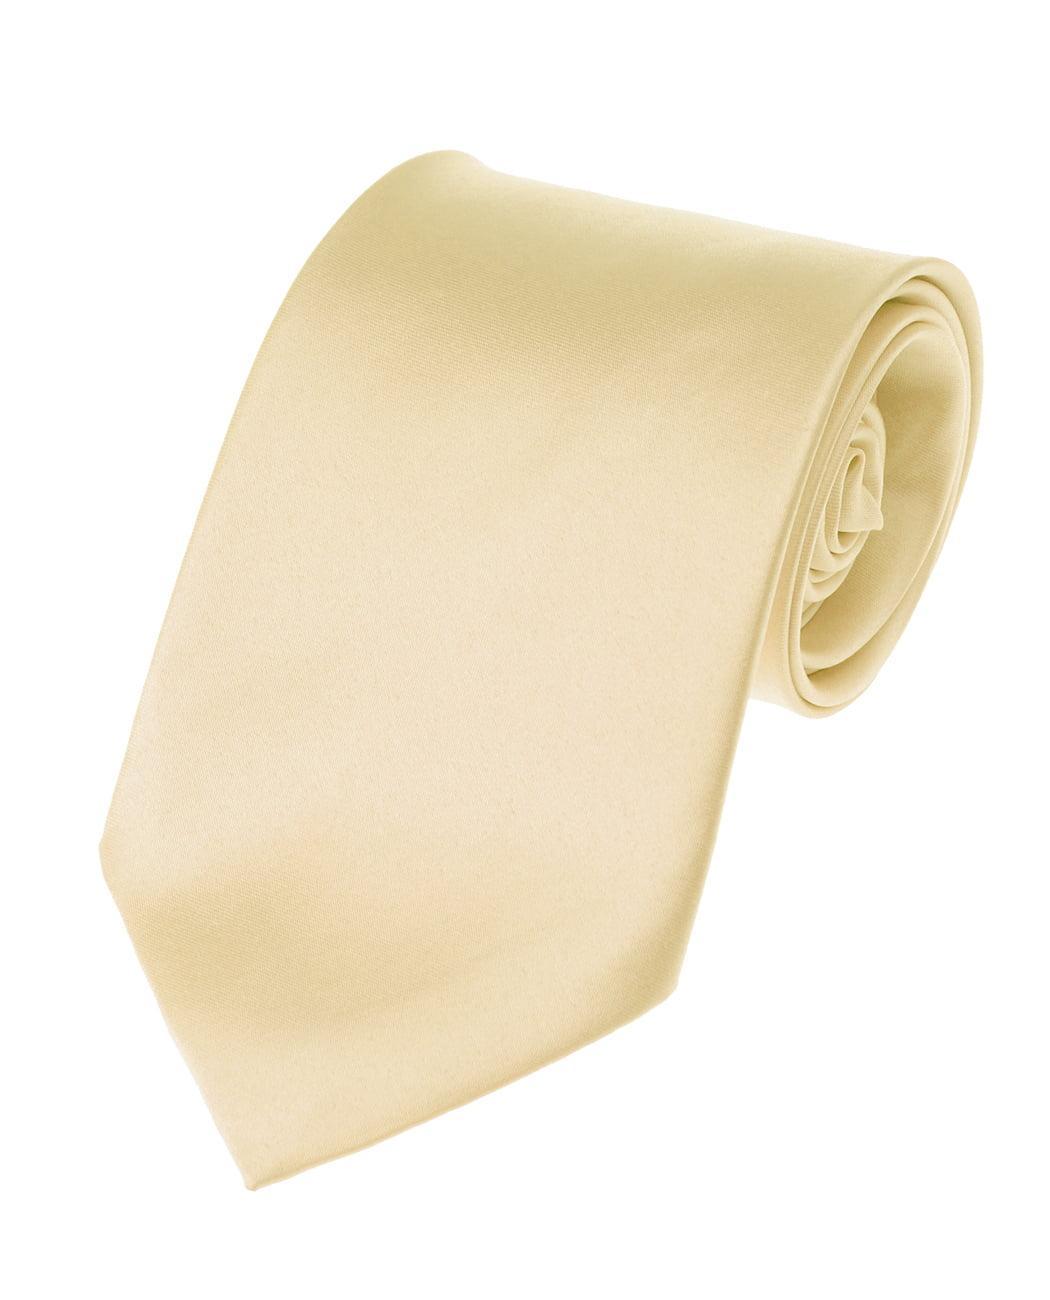 Men's Smooth Satin Solid Color Extra Long XL Necktie, Cream